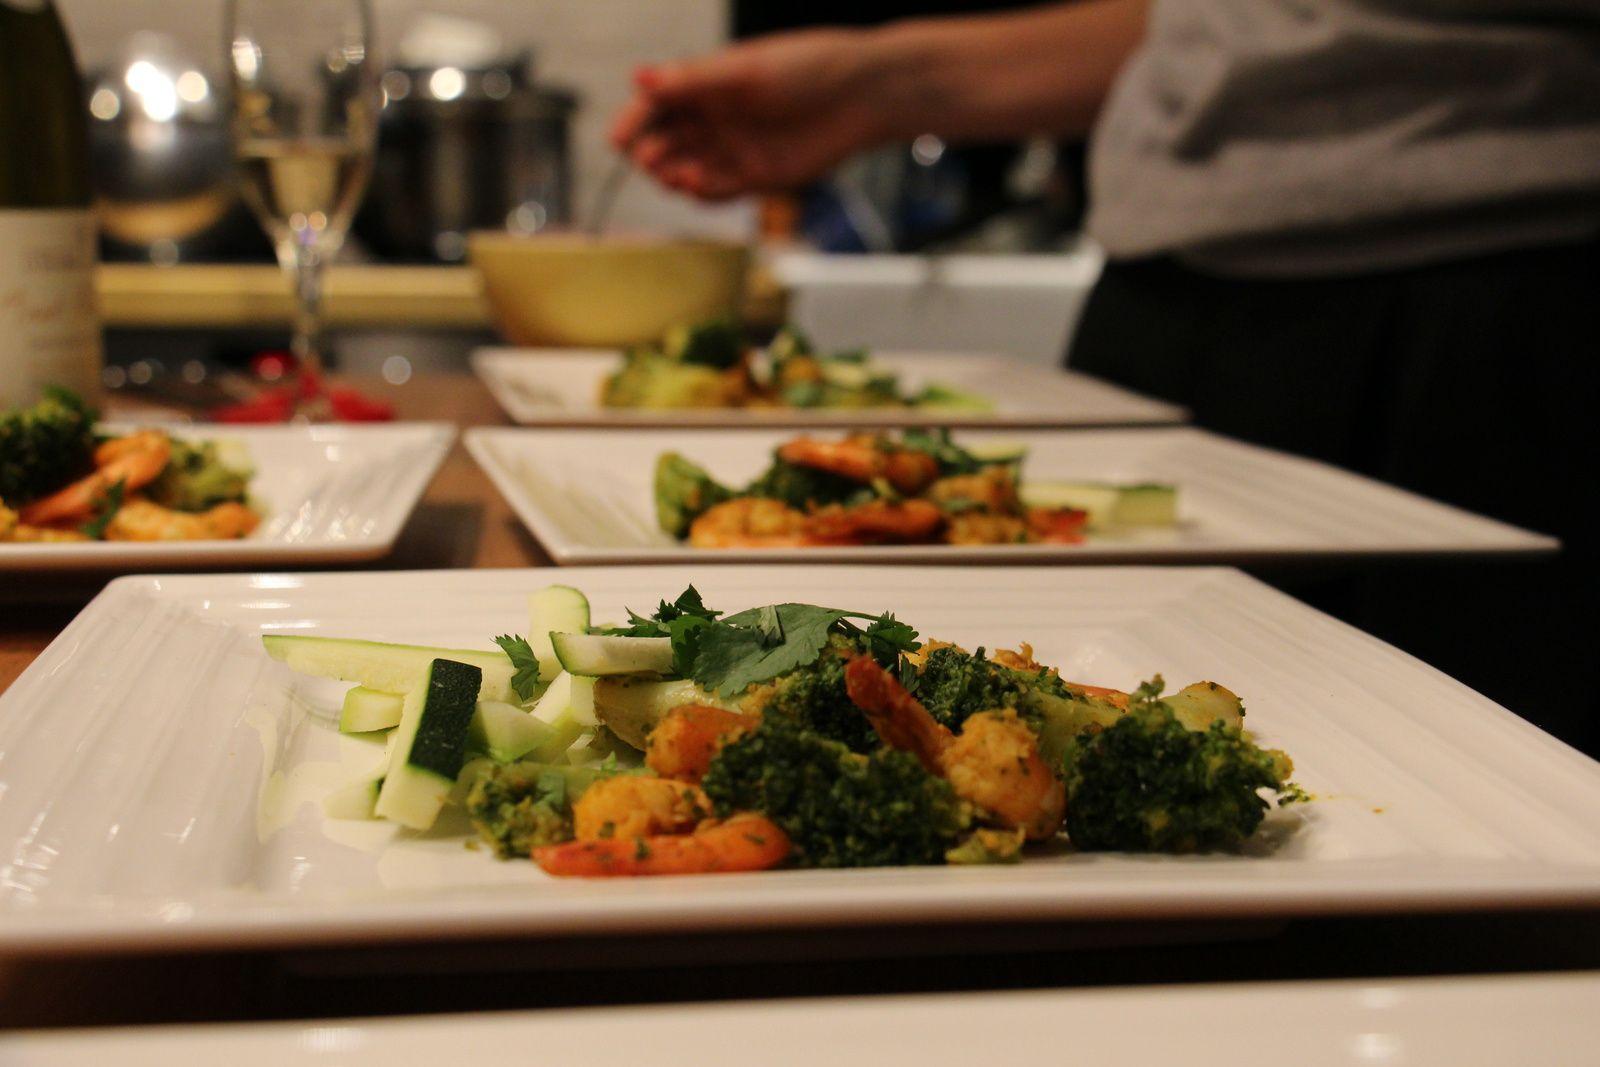 La salade de lulu : crevettes marinées,brocolis et courgettes, sauce aigre douce